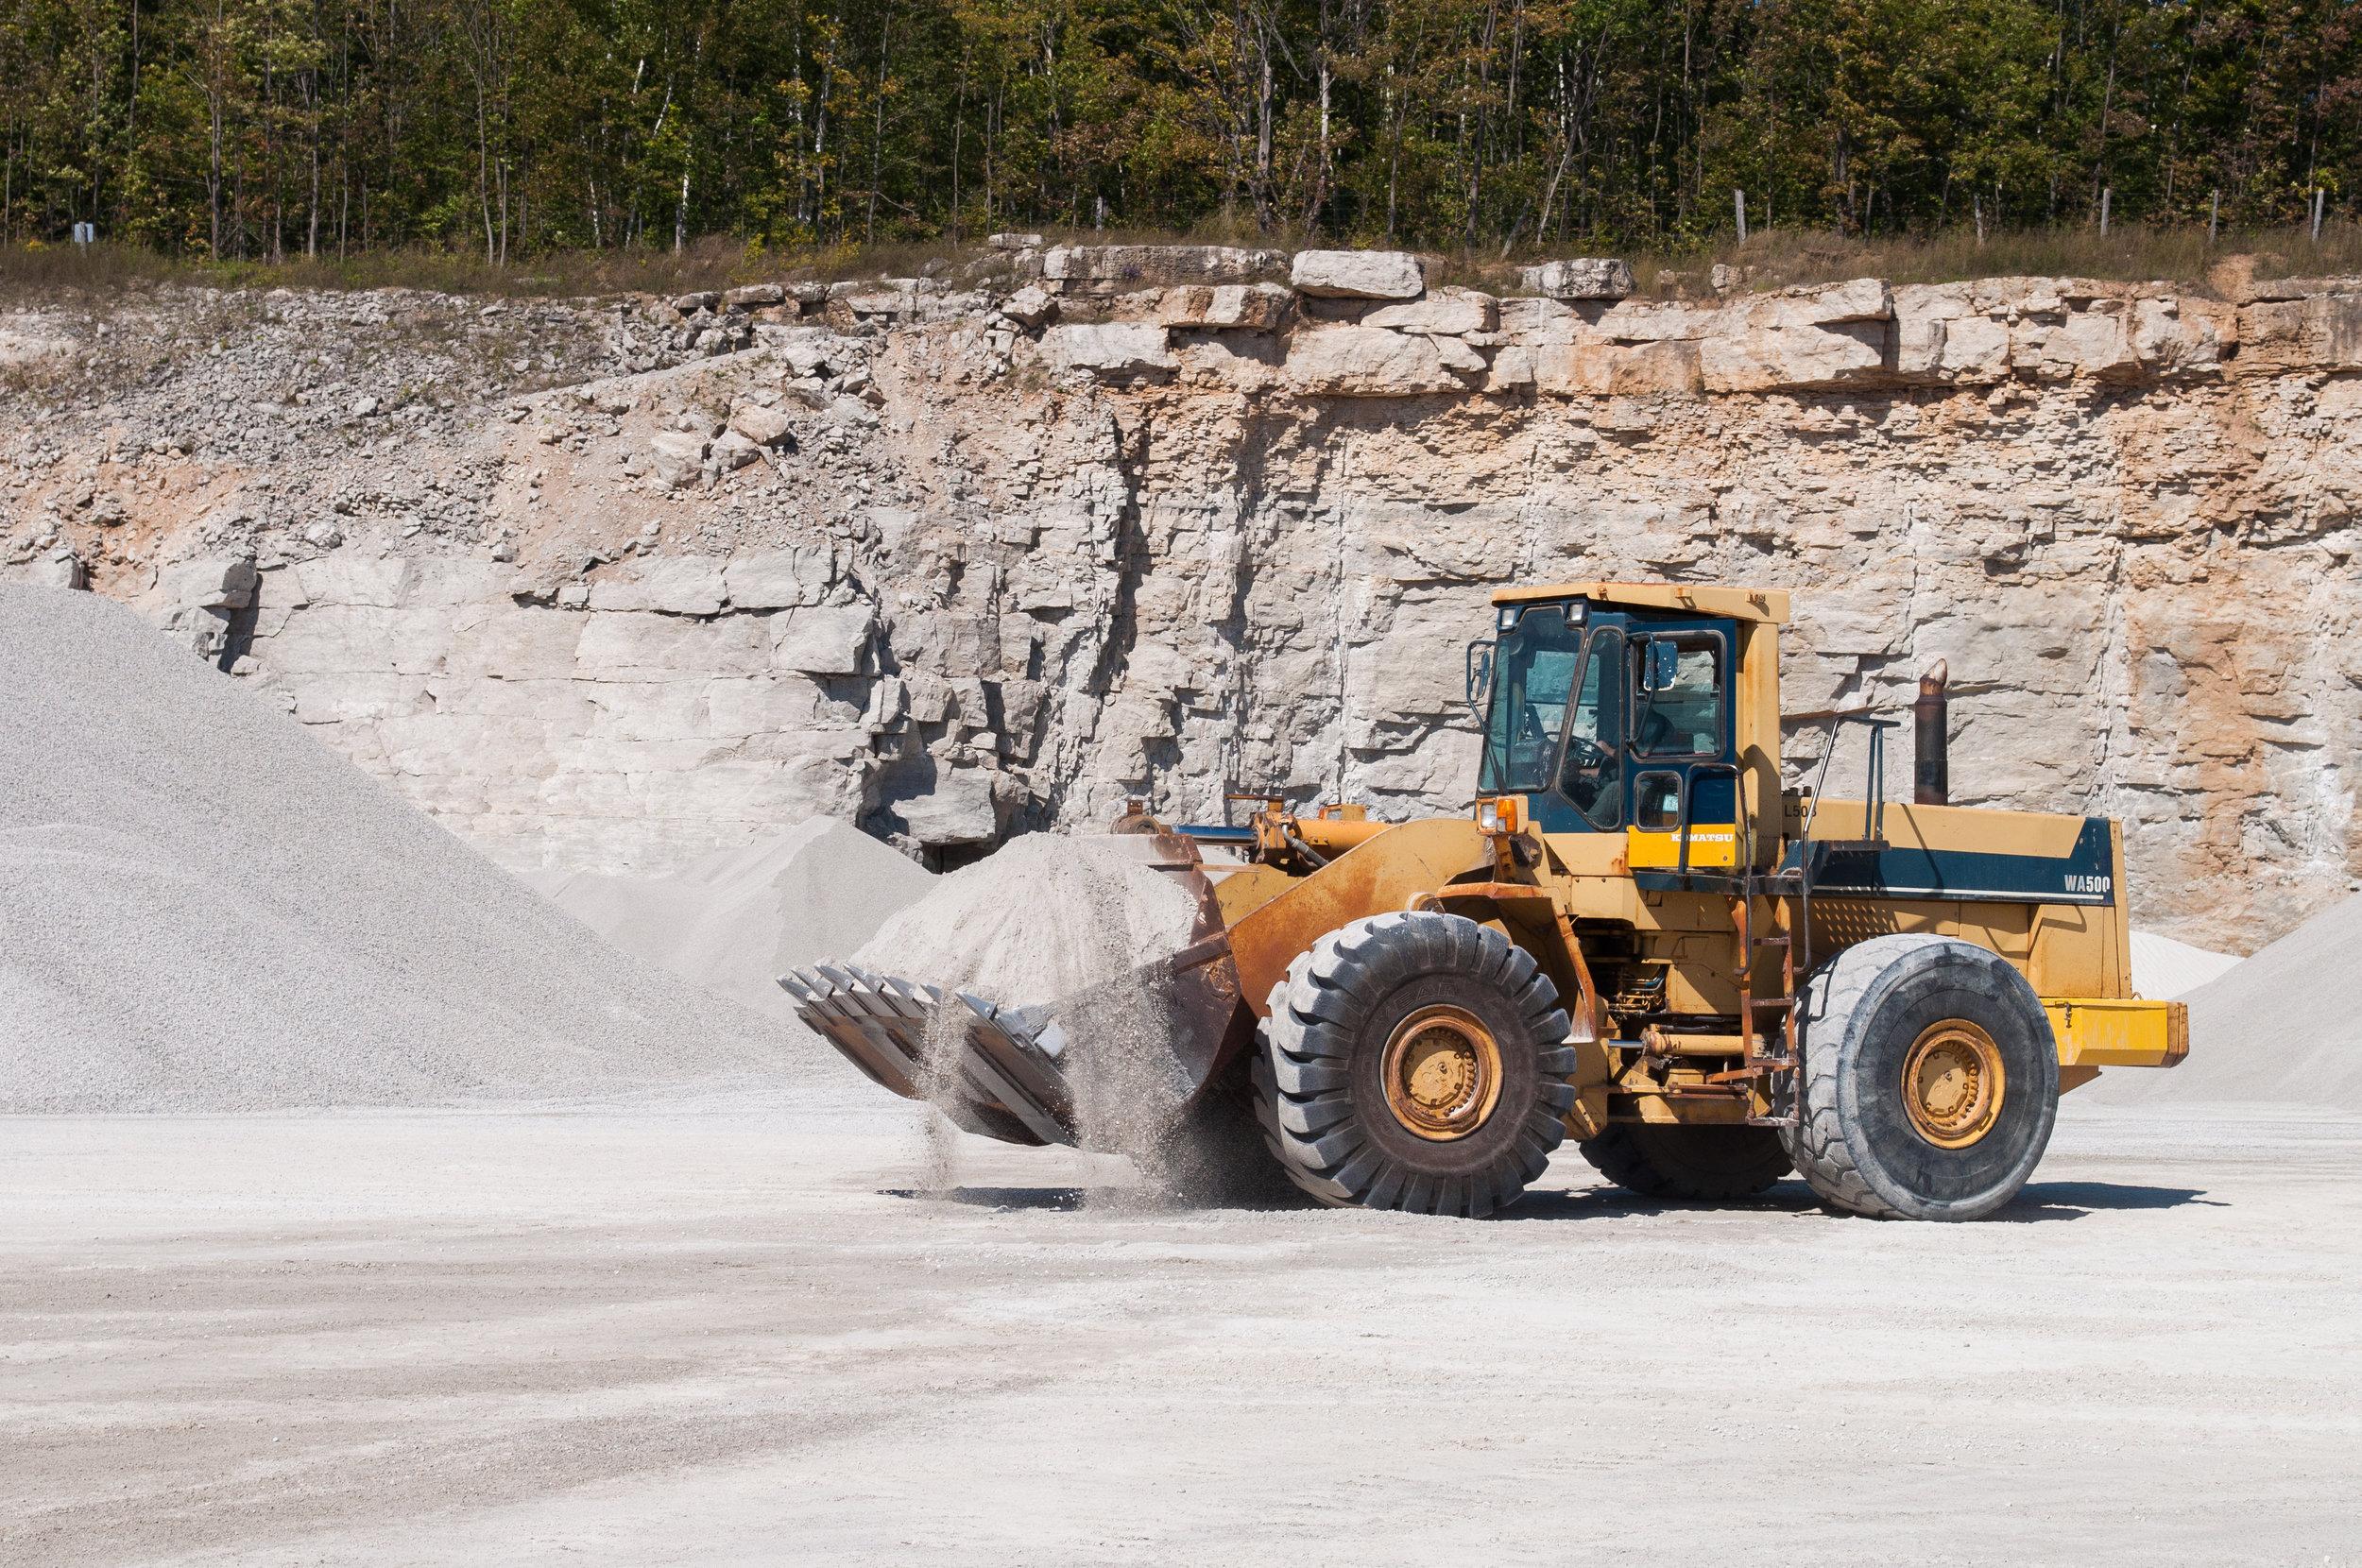 How do we choose a quarry location? -